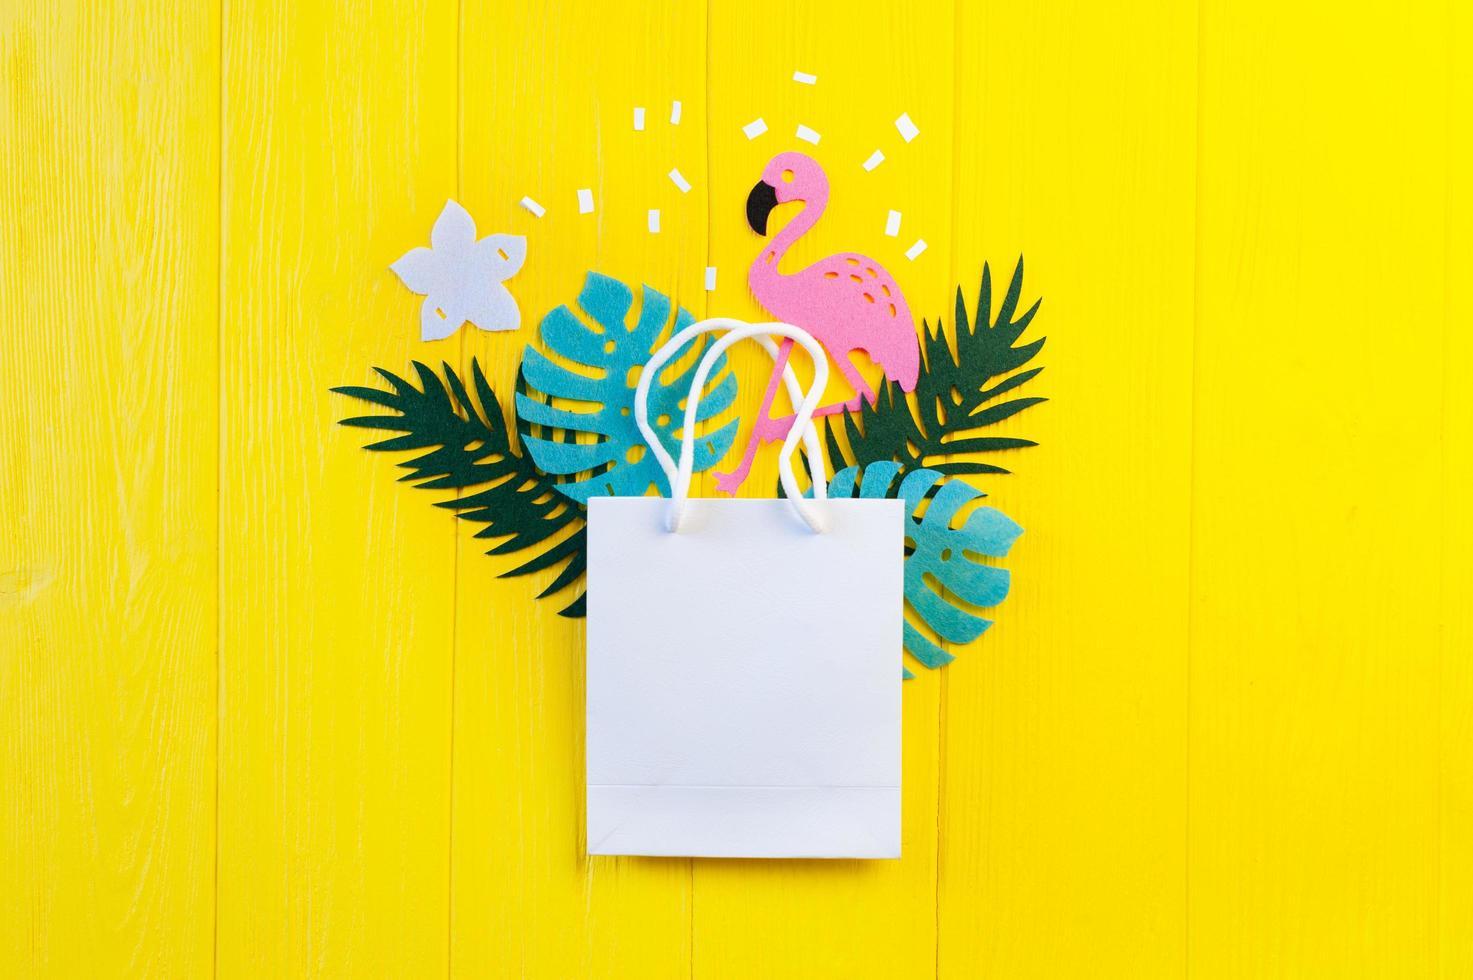 Modell des leeren Papiers mit Blättern und Flamingo auf gelbem hölzernem Hintergrund foto